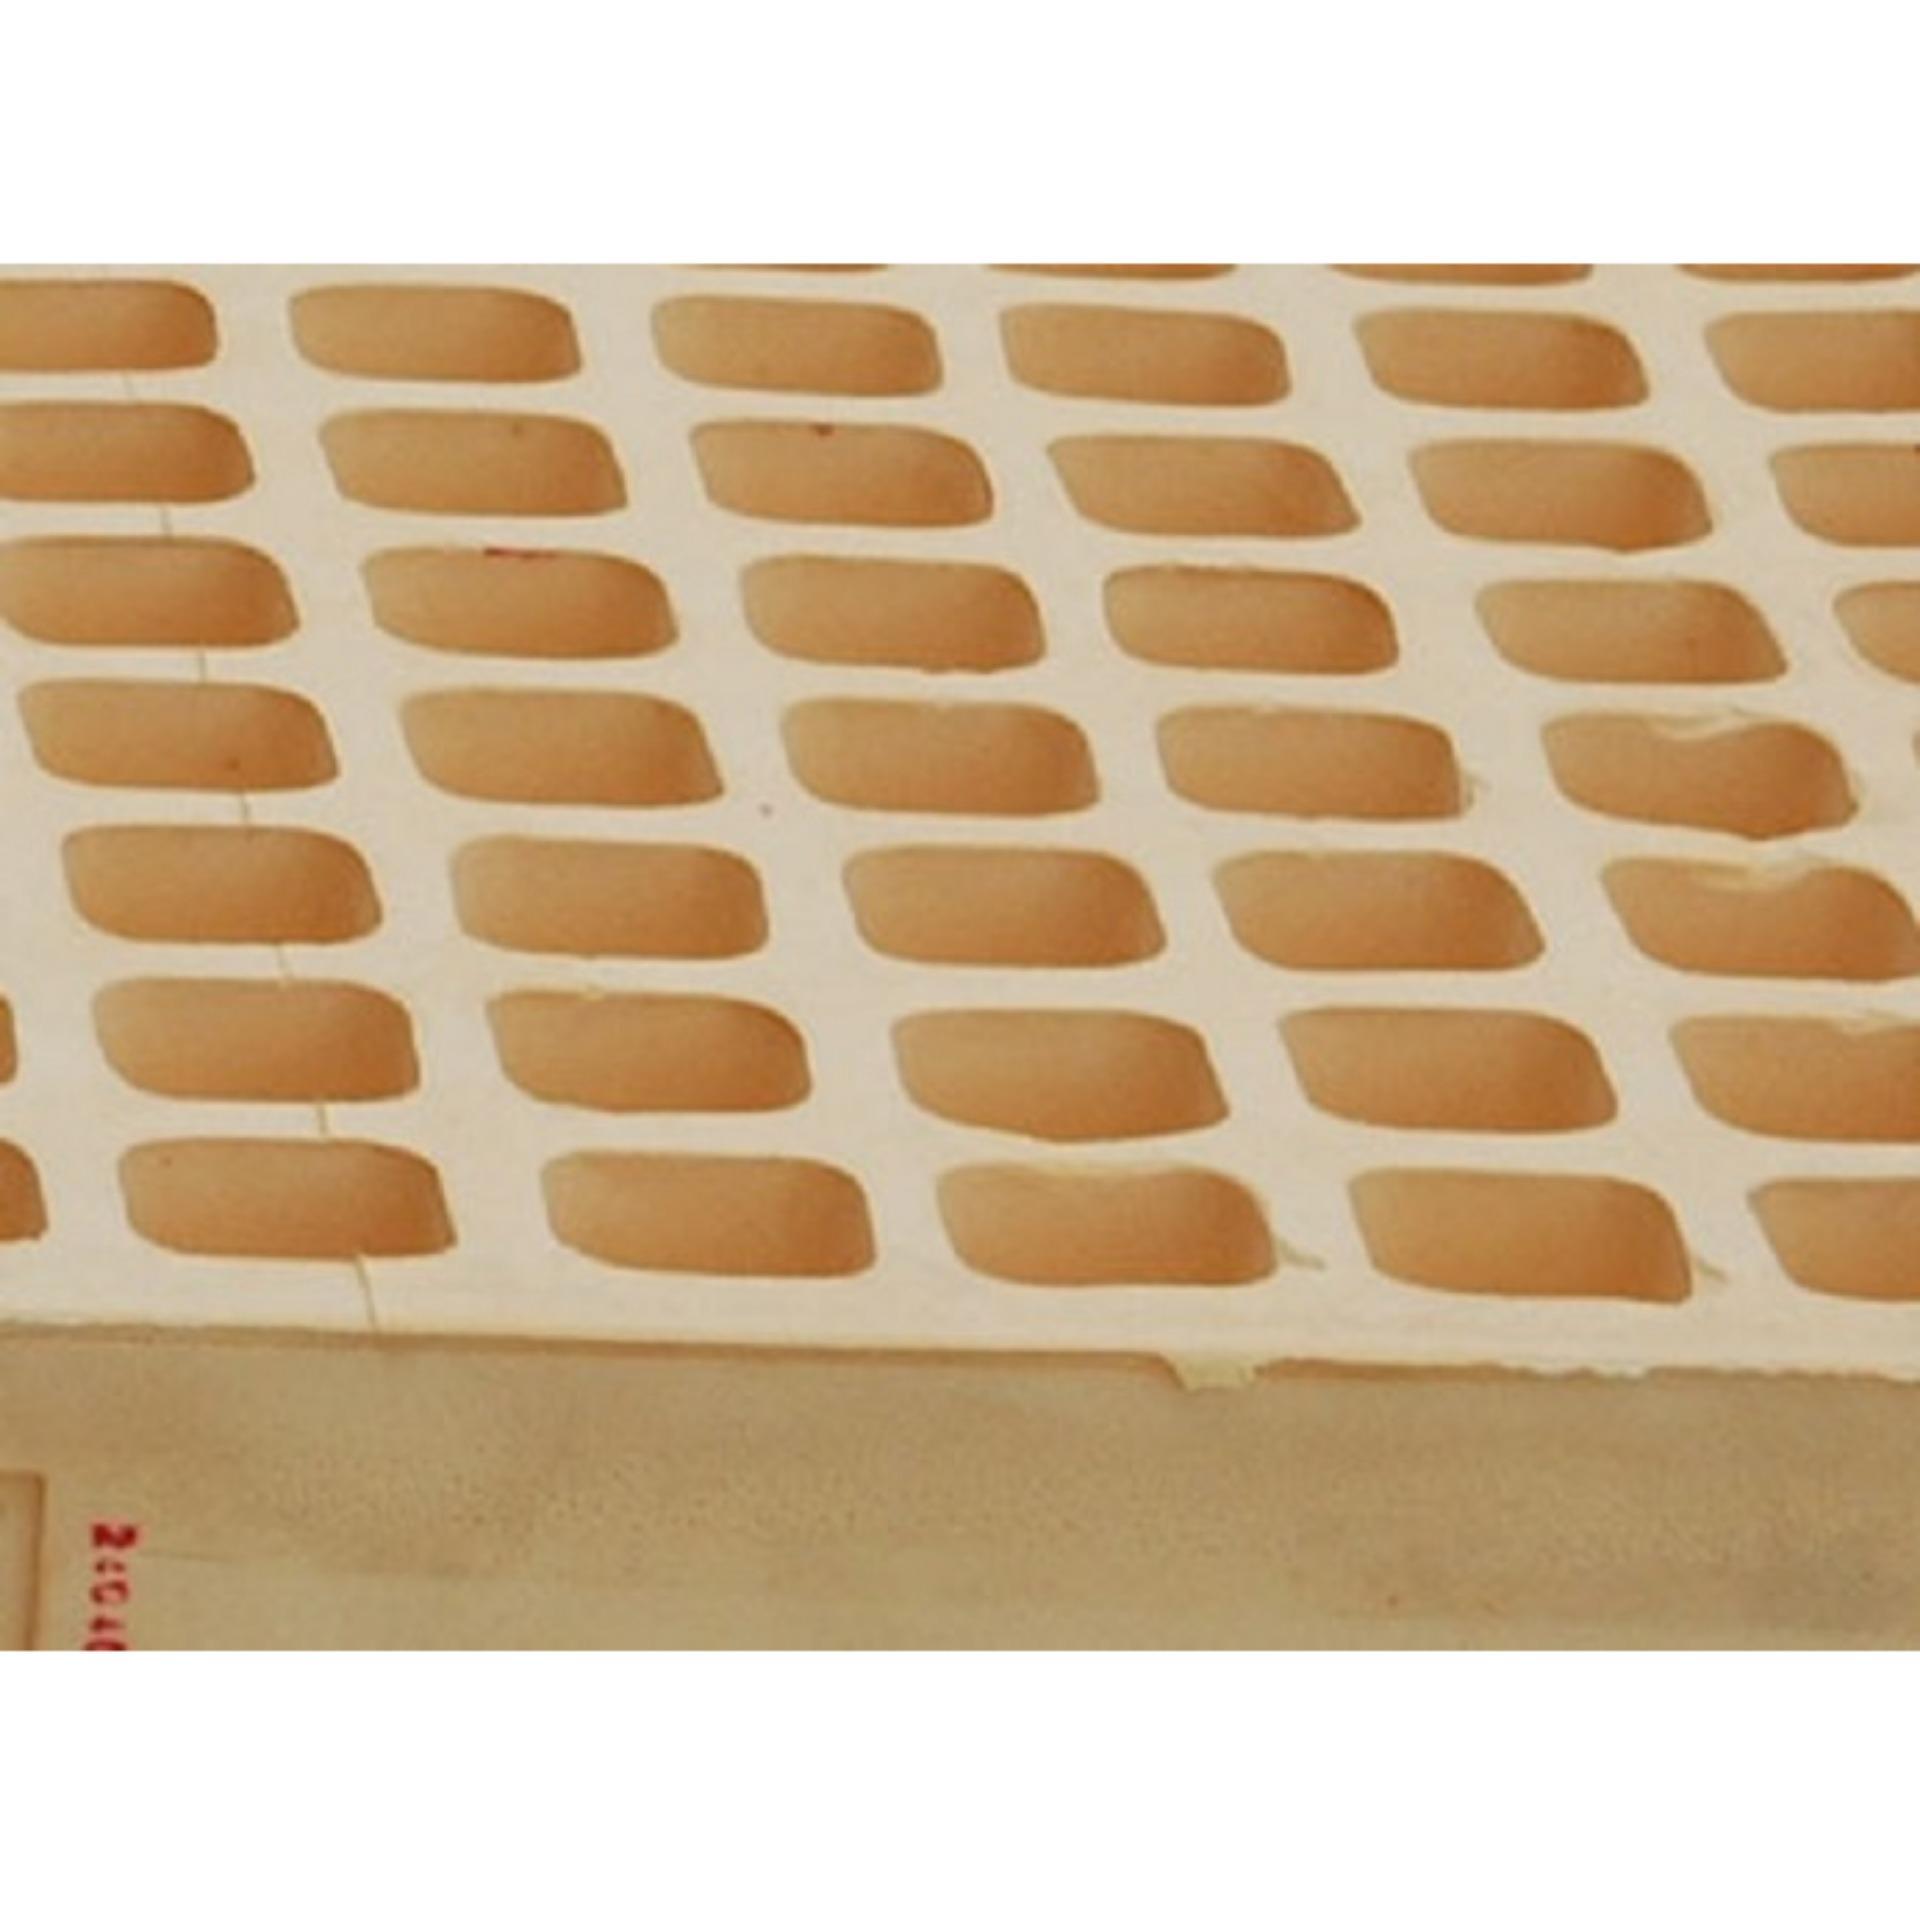 NỆM CAO SU VẠN THÀNH STANDARD 160x200x5cm